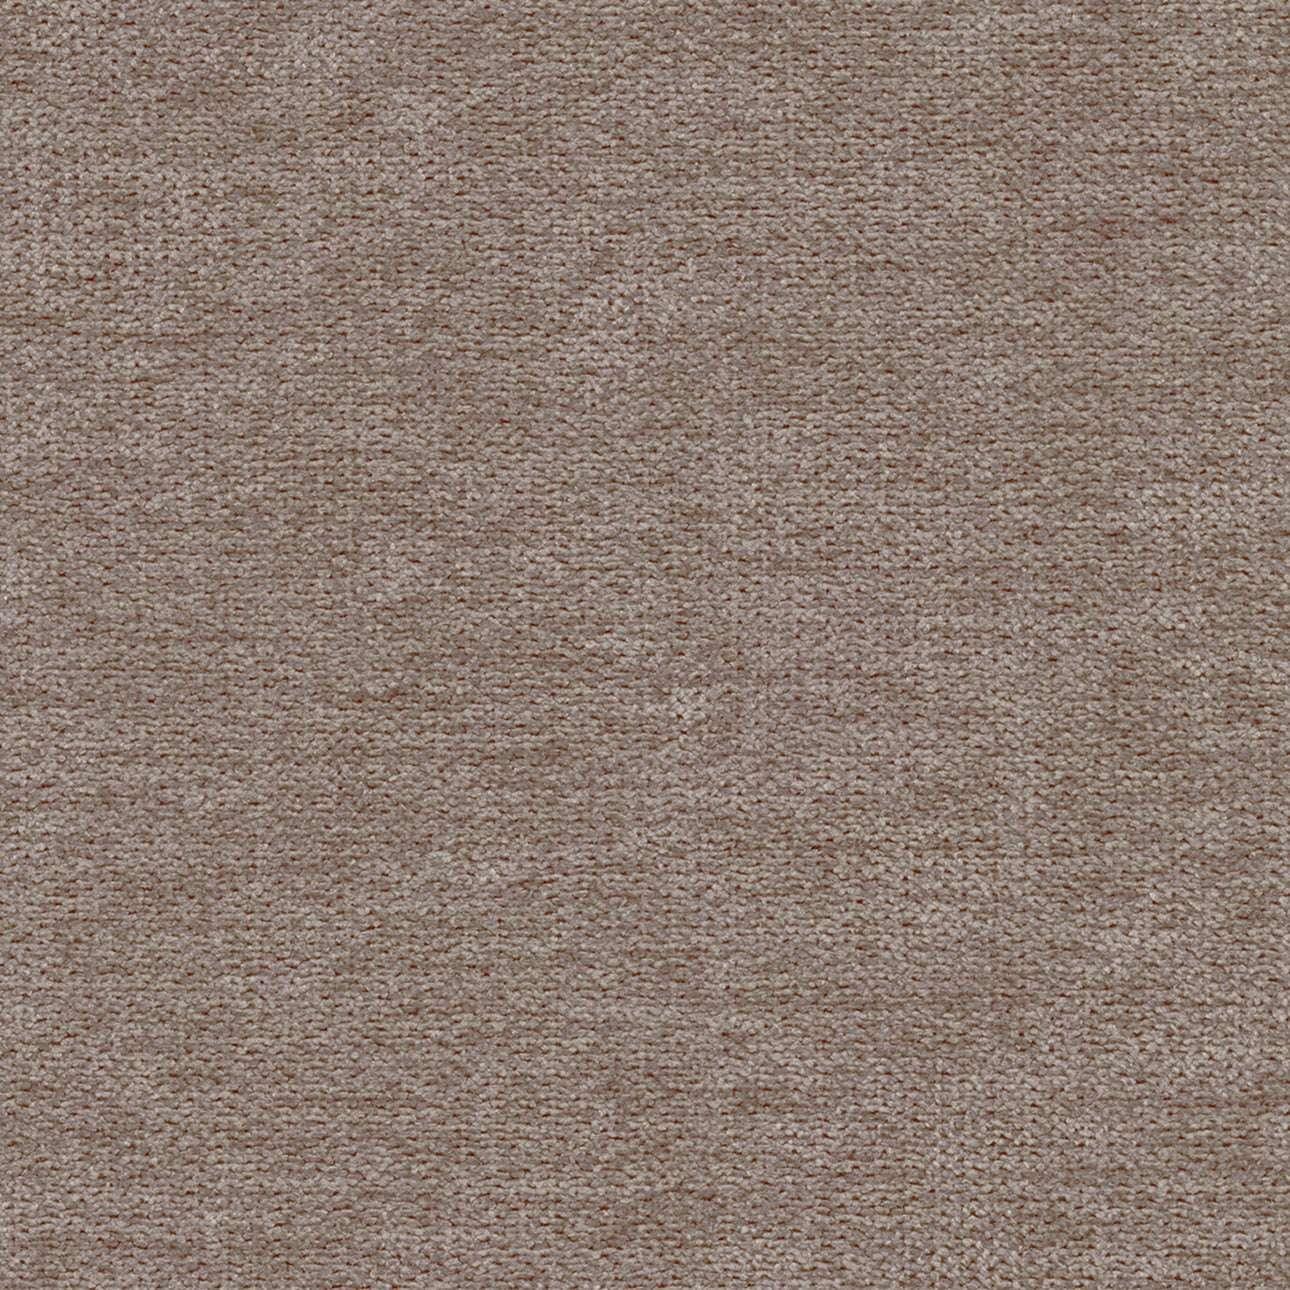 Universal Stoltrekk fra kolleksjonen Etna - Ikke for gardiner, Stoffets bredde: 705-03